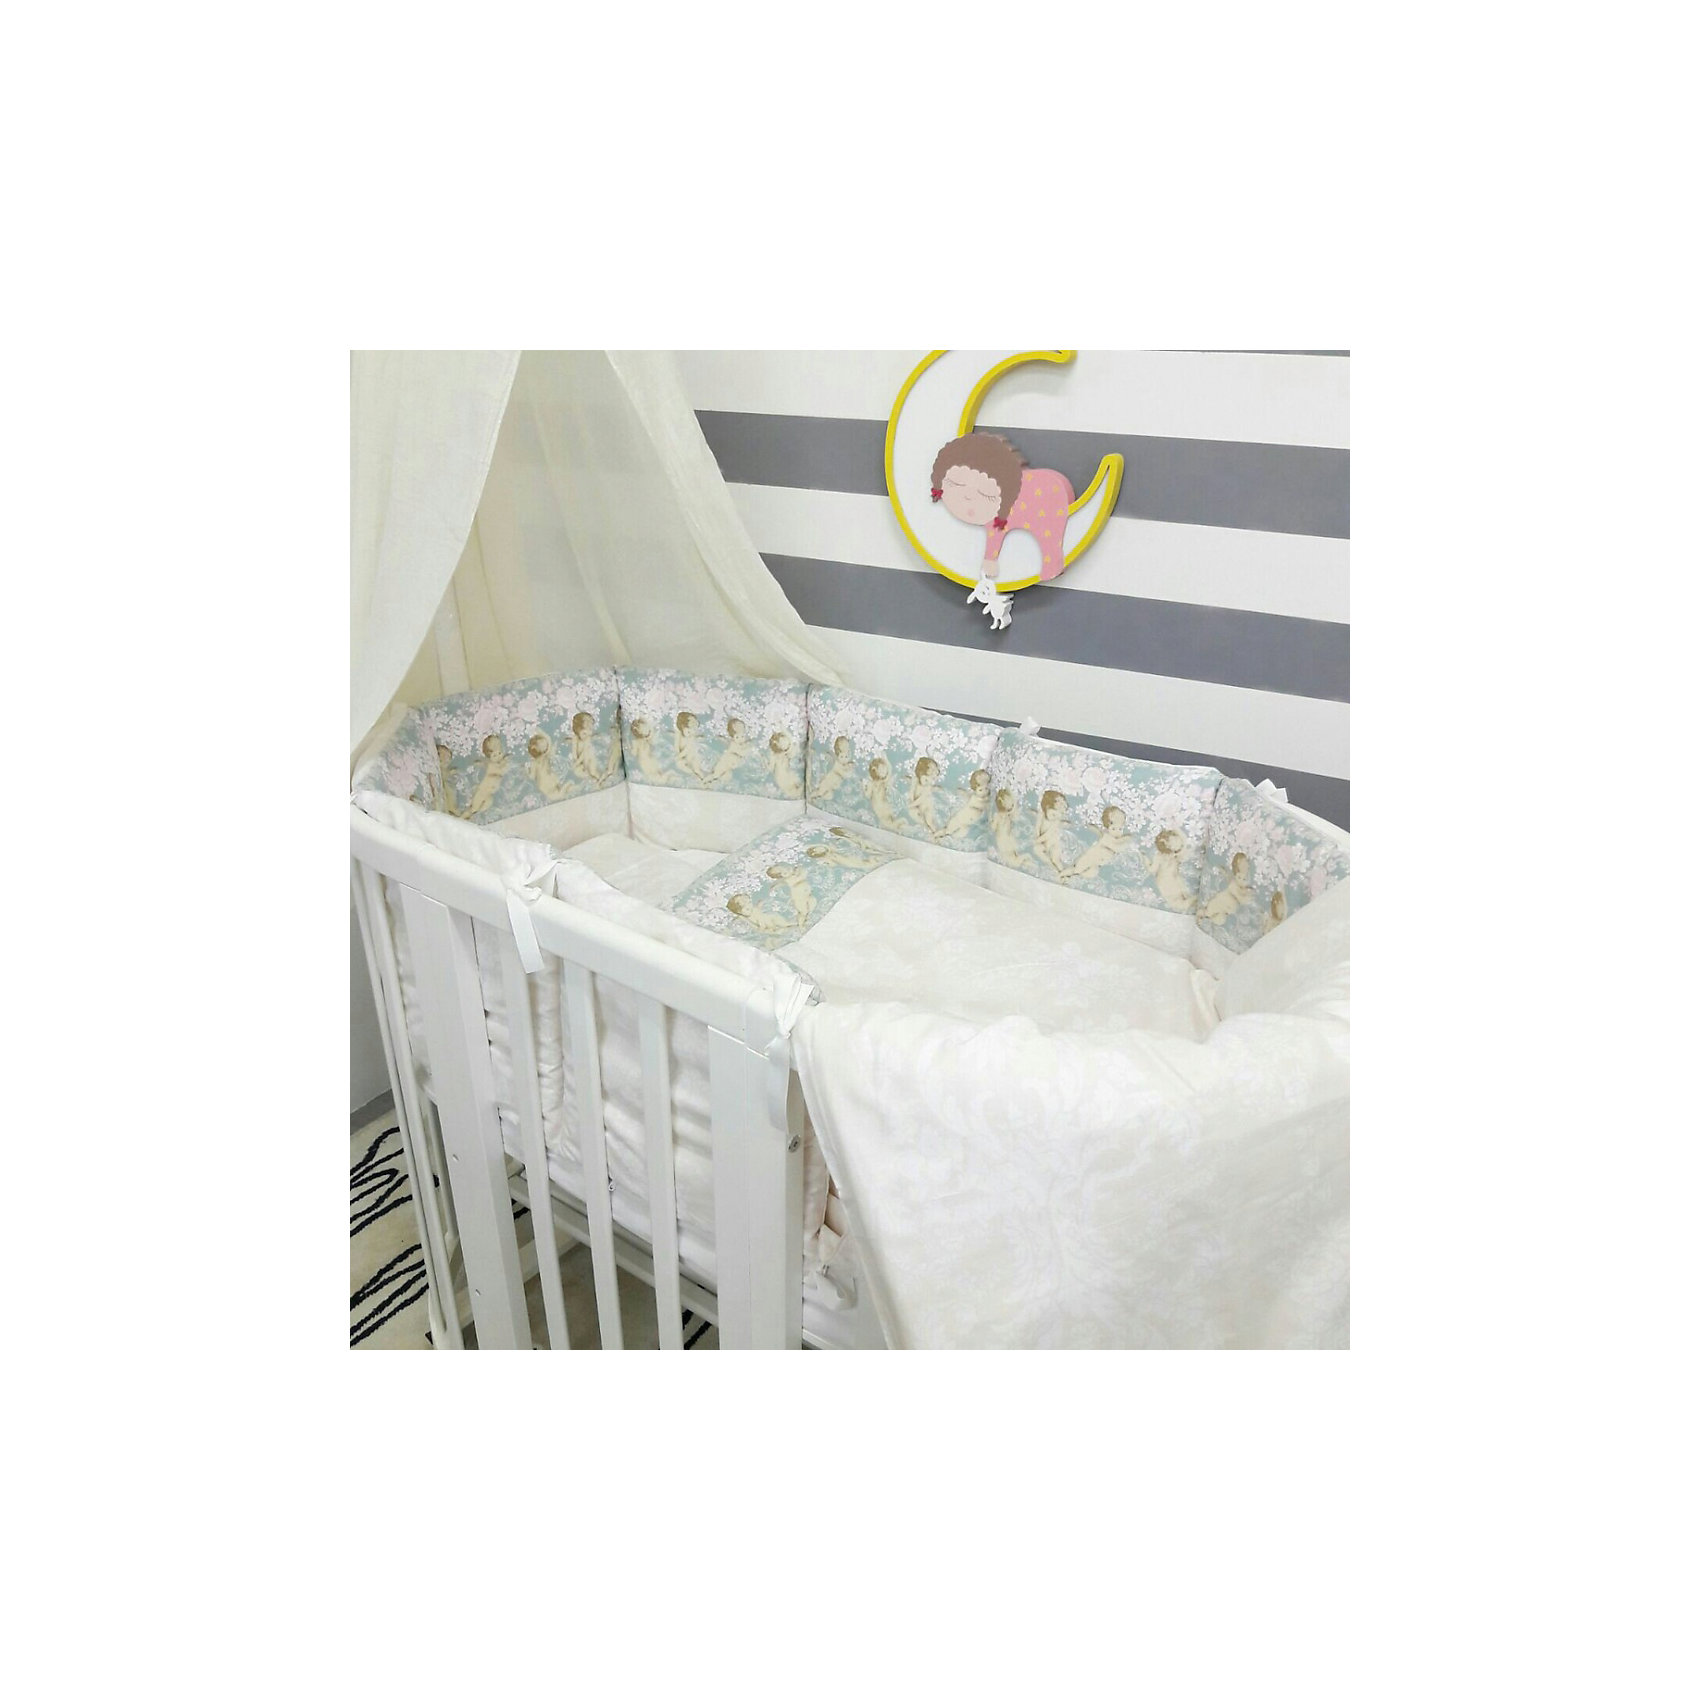 Постельное белье для круглых кроваток Ангелы, 7 предм., by TwinzКроватки<br>Характеристики:<br><br>• Материал: хлопок, 100% <br>• Тематика рисунка: ангелы<br>• Комплектация: <br> пододеяльник 105*145 см – 1 шт. <br> одеяло на холлофайбере 100*140 см – 1 шт. <br> простынь на резинке 70*80 см – 1 шт. <br> простынь на резинке 70*120 см – 1 шт. <br> наволочка 36*46 см – 1 шт. <br> подушка на холлофайбере 35*45 см – 1 шт. <br> бортики в виде подушек с завязками – 10 шт.<br>• Вес комплекта: 3 кг<br>• Размеры упаковки (Д*В*Ш): 58*58*18 см<br>• Особенности ухода: машинная стирка на щадящем режиме <br><br>Постельное белье представляет собой расширенную комплектацию – одеяло и подушка, пододеяльник, простыни и наволочка, бортики. Размеры изделий предназначены для детской кроватки круглой или овальной формы. <br><br>Постельное белье изготовлено из натурального хлопка, который обеспечивает комфорт и удобство для сна. Натуральная ткань обладает высокими гигиеническими свойствами и повышенной износоустойчивостью.<br><br>Предусмотренные на простыни резинка и застежка на пододеяльнике позволяют изделиям надежно фиксироваться. В комплекте предусмотрены бортики в виде подушек, которые оснащены съемными наволочками с завязками. Постельное белье для круглых кроваток Ангелы, 7 предм., by Twinz выполнено в брендовом дизайне с принтом из ангелов.<br><br>Постельное белье Ангелы, 3 предм., by Twinz можно купить в нашем интернет-магазине.<br><br>Ширина мм: 580<br>Глубина мм: 580<br>Высота мм: 180<br>Вес г: 3000<br>Возраст от месяцев: 0<br>Возраст до месяцев: 36<br>Пол: Унисекс<br>Возраст: Детский<br>SKU: 6765393